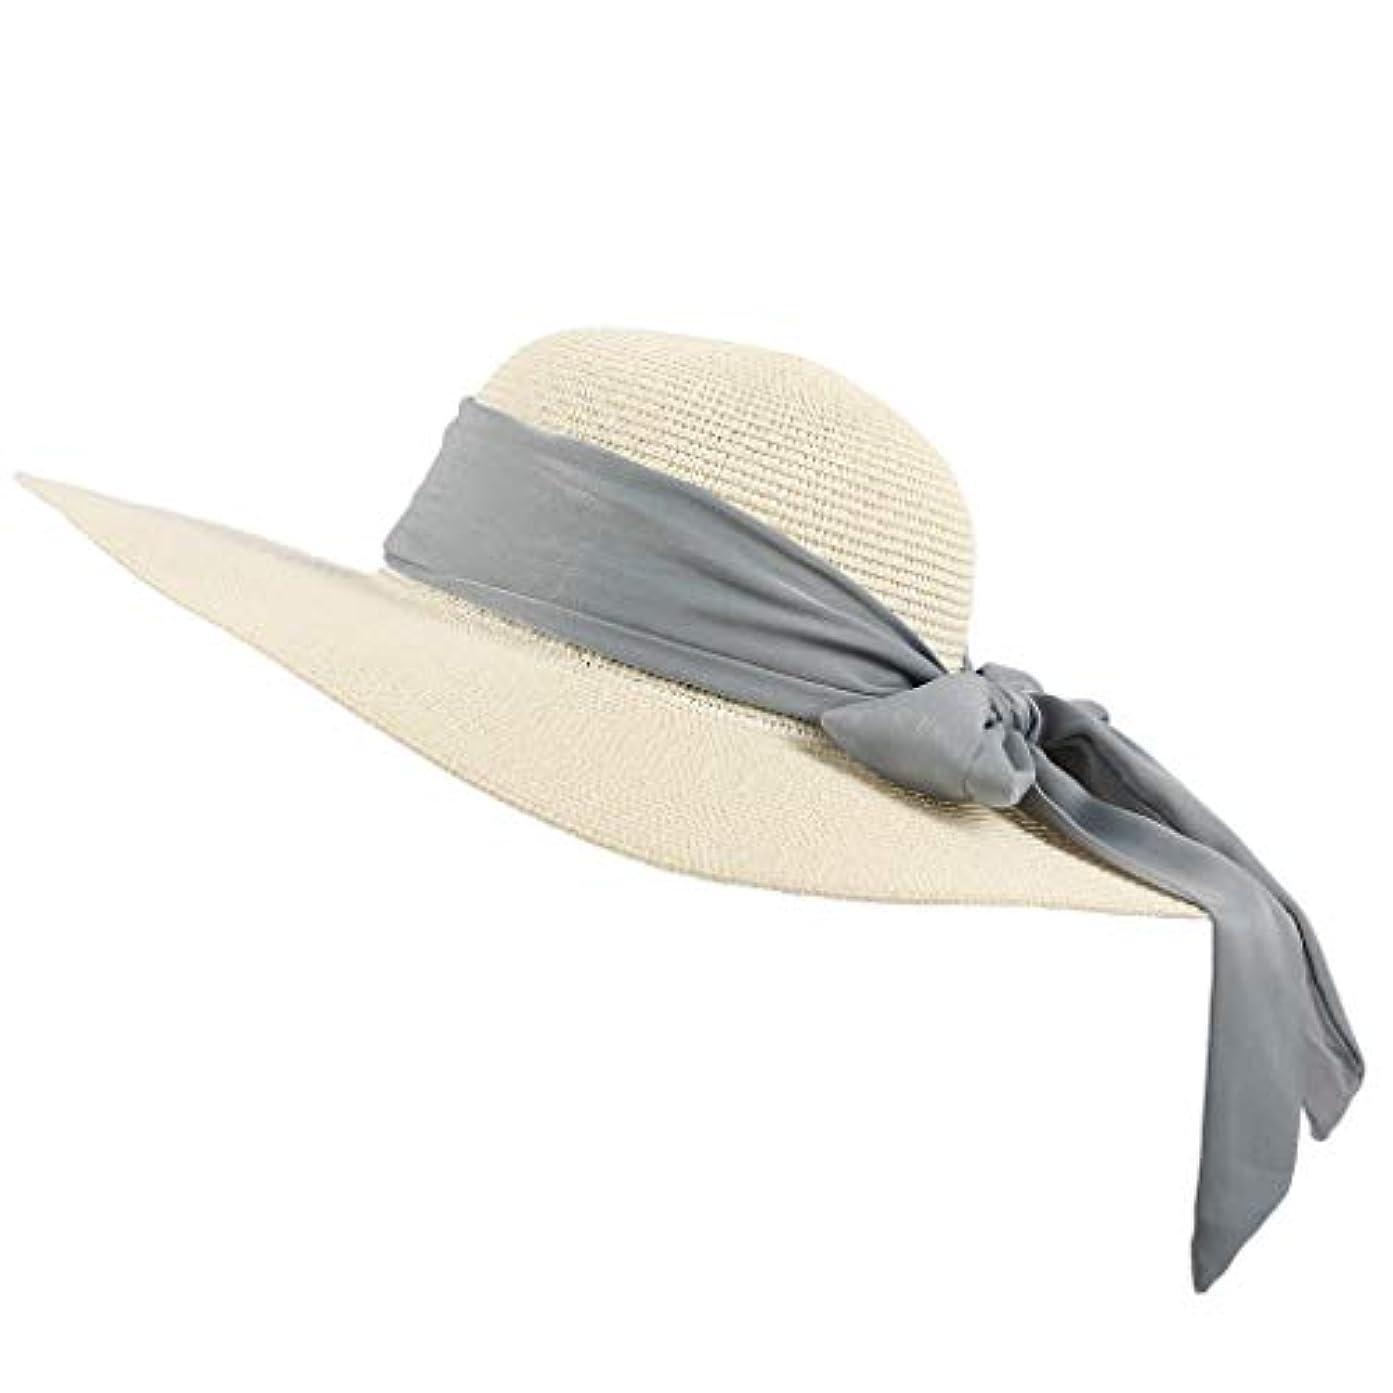 帽子 レディース ROSE ROMAN UVカット ハット 紫外線対策 可愛い 小顔効果抜群 日よけ つば広 おしゃれ 可愛い 夏季 海 旅行 無地 ビーチ 海辺 ワイルド パーティー ダンスパーティー パーティー シンプル 発送